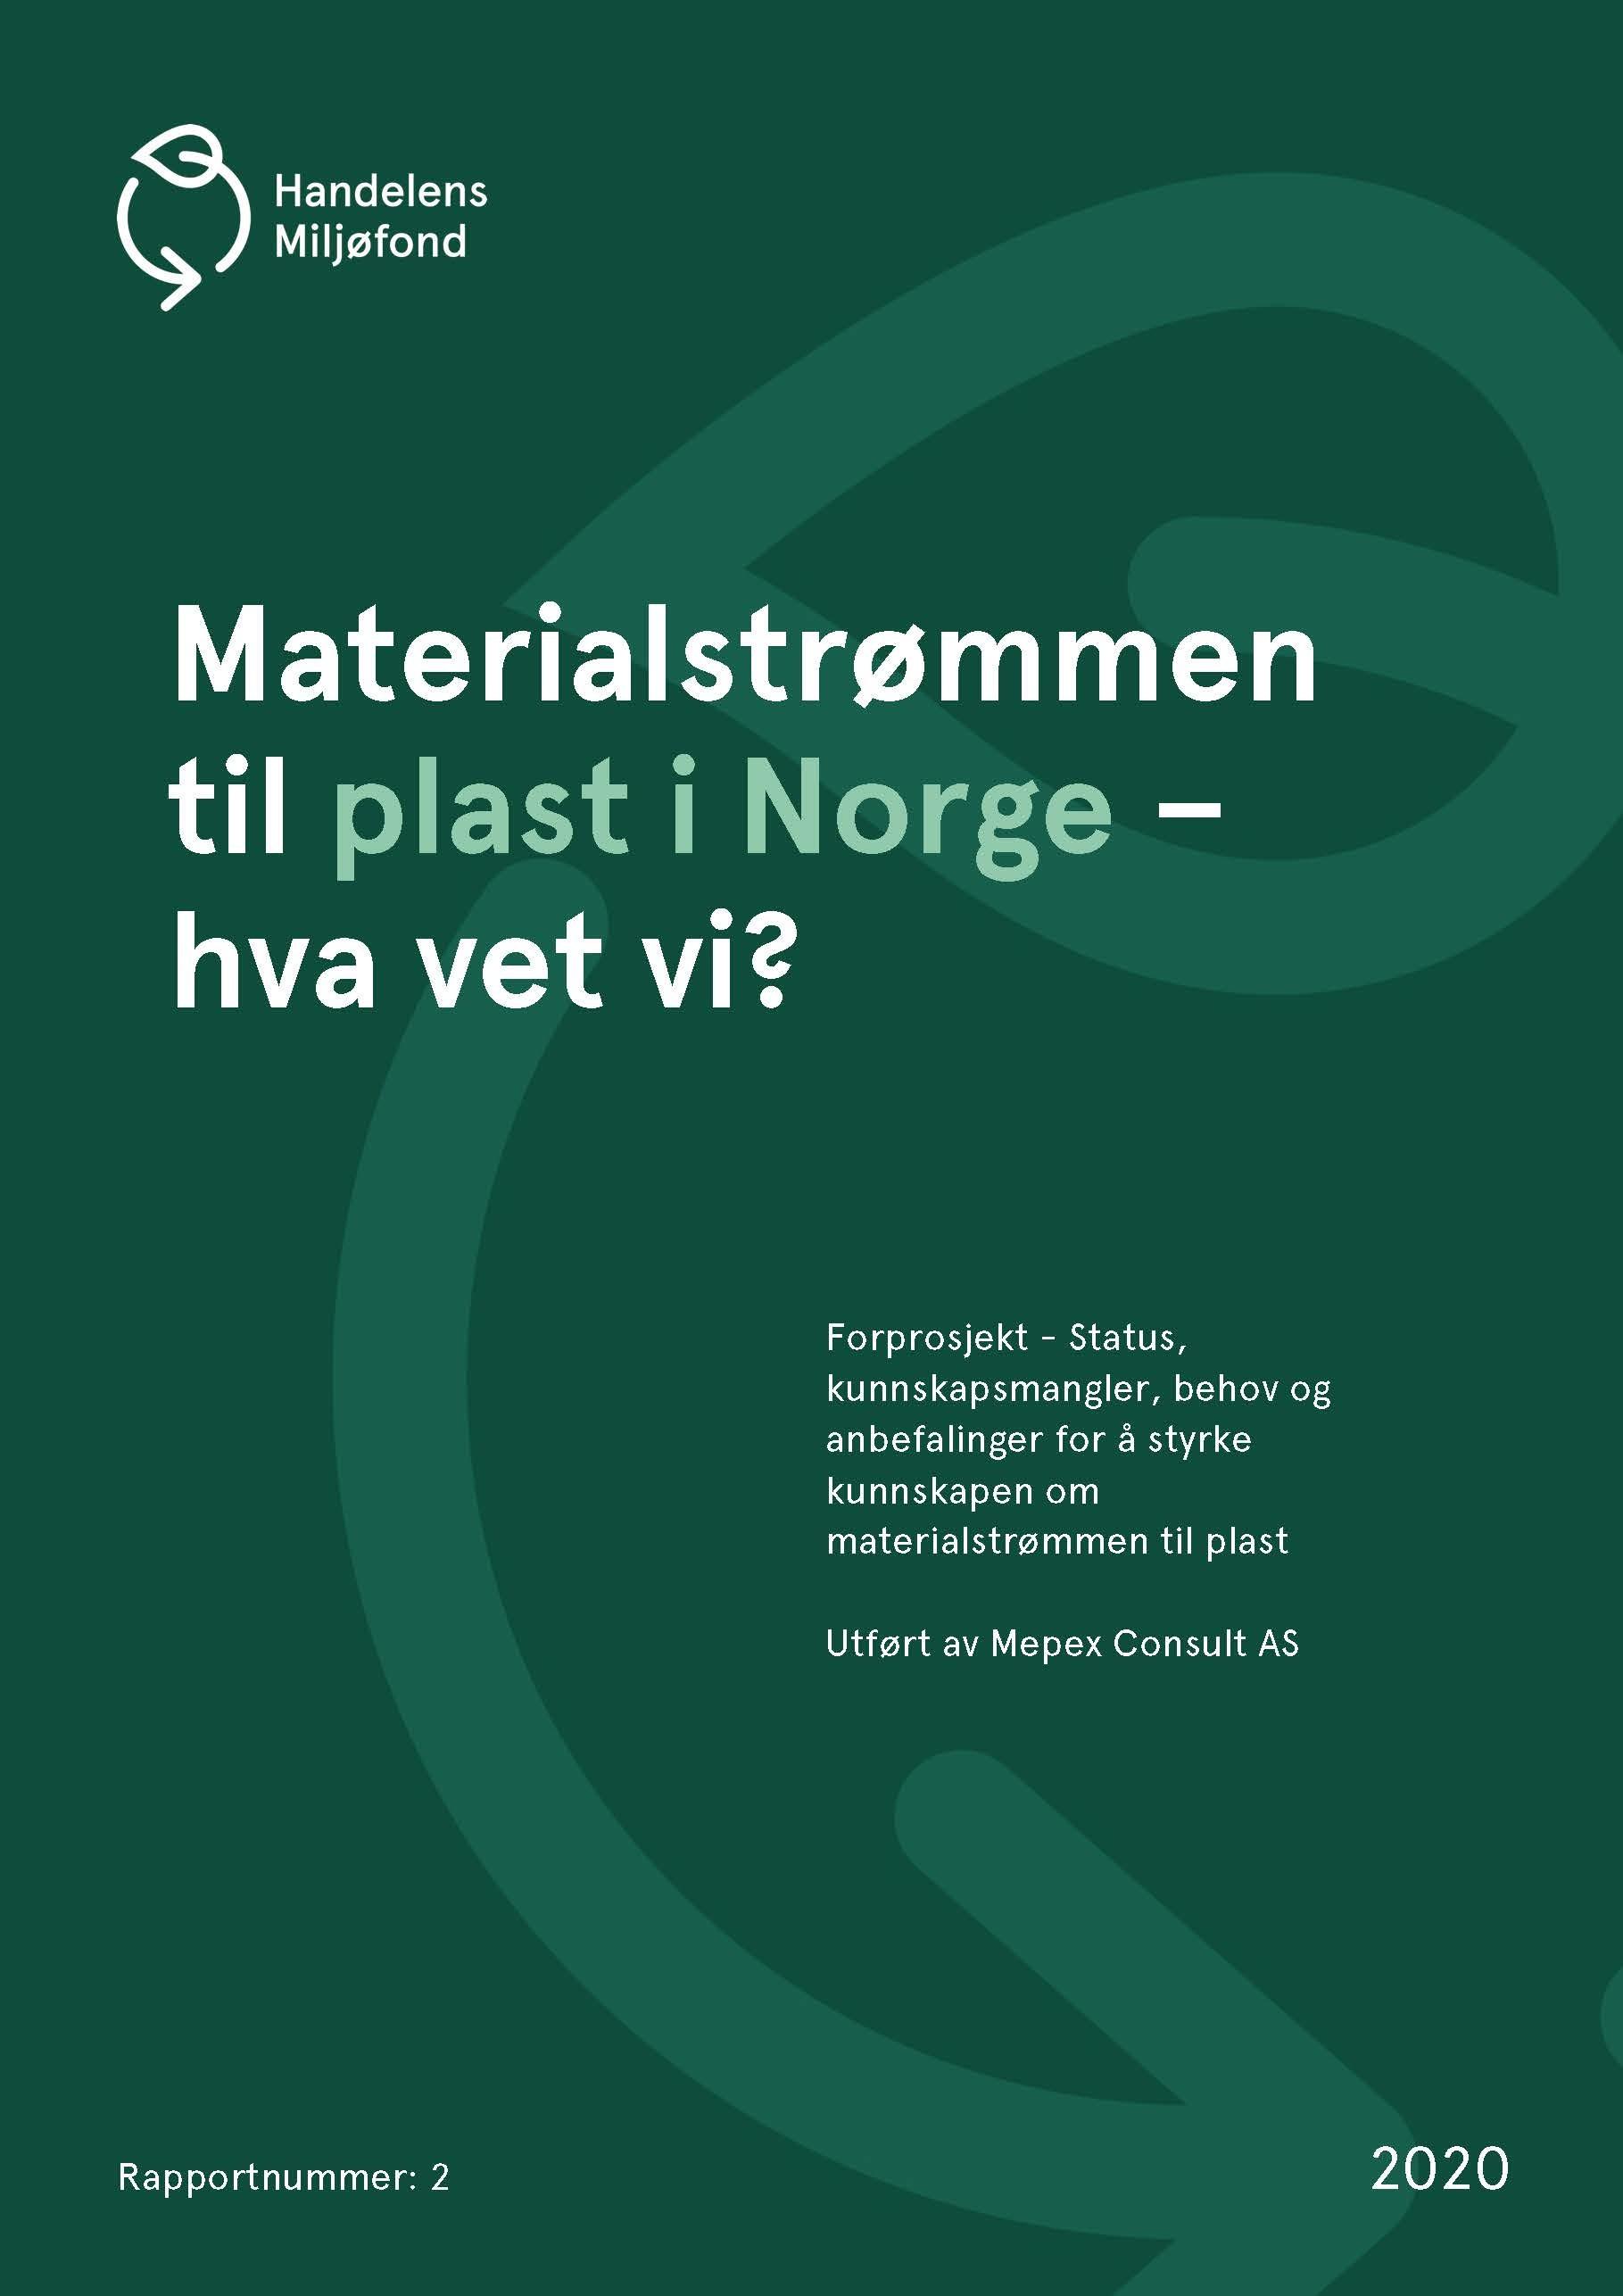 Forside for Materialstrømmen til plast i Norge - Hva vet vi?